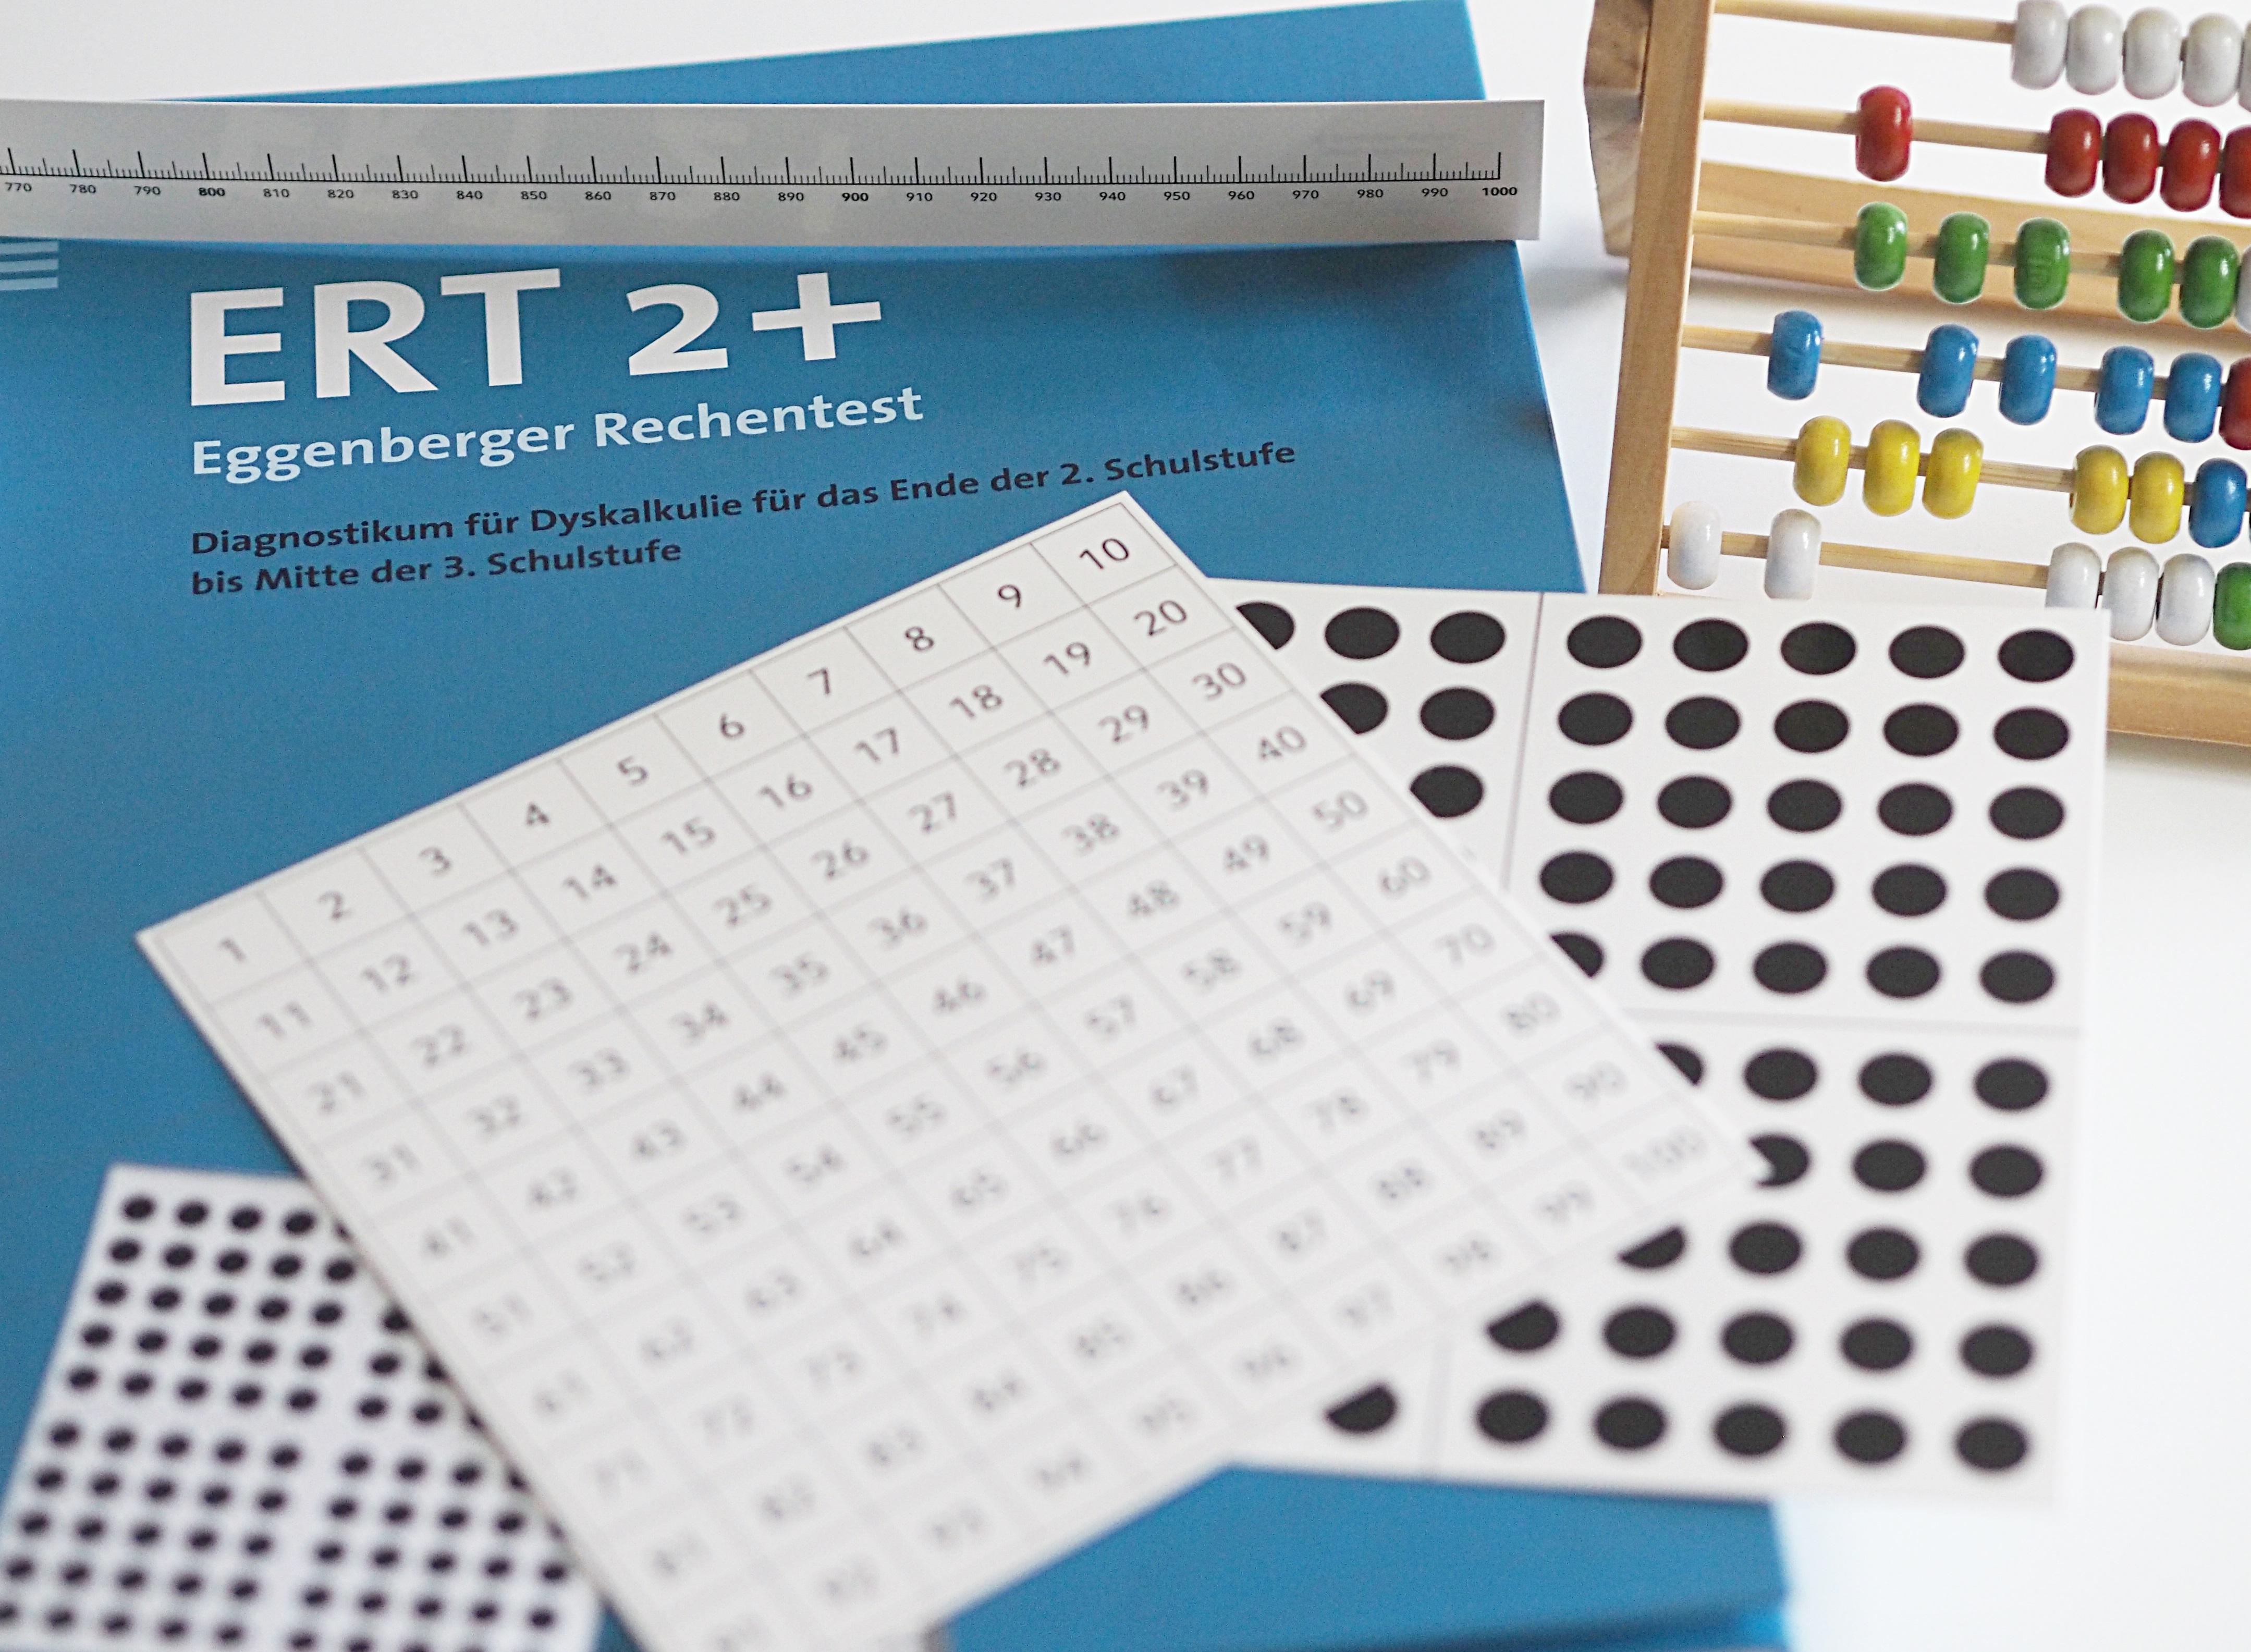 ERT 2+